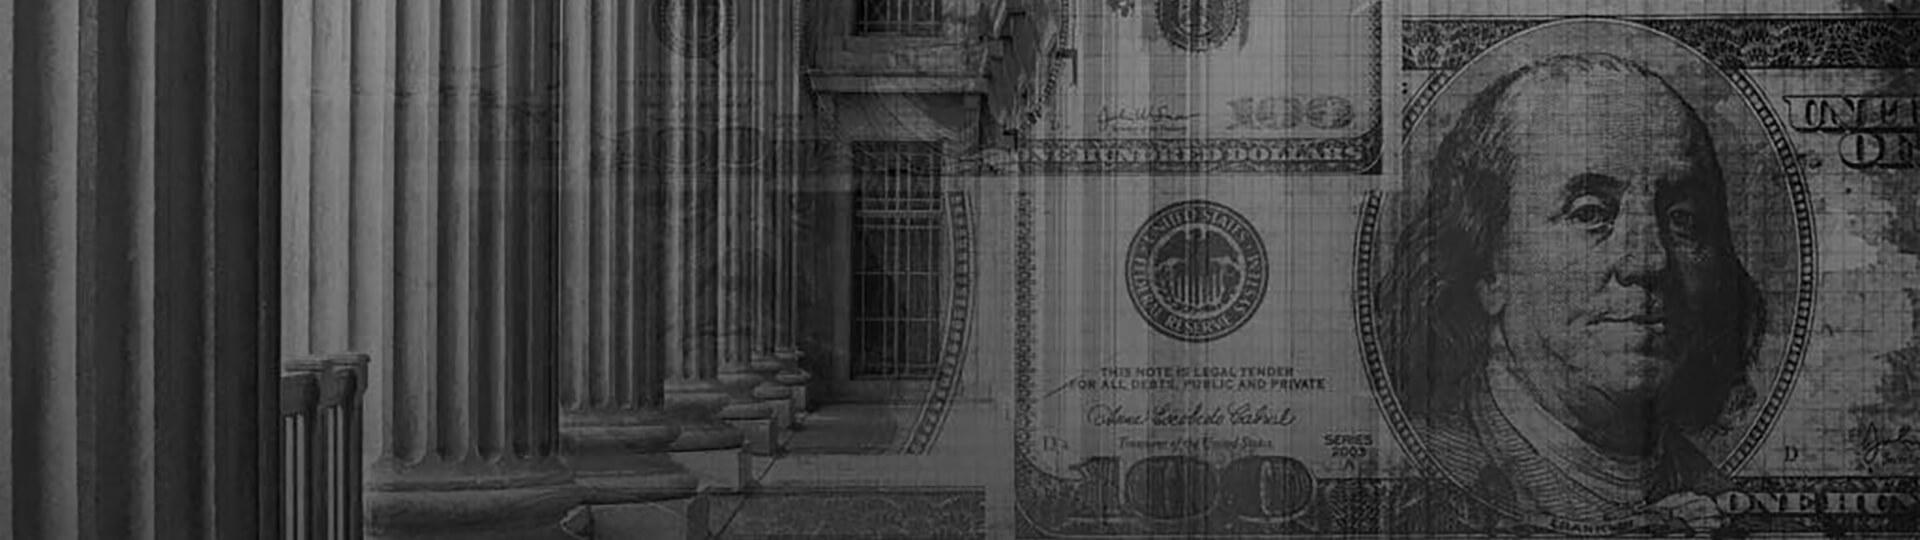 Utah Bankruptcy Law_Utah.law